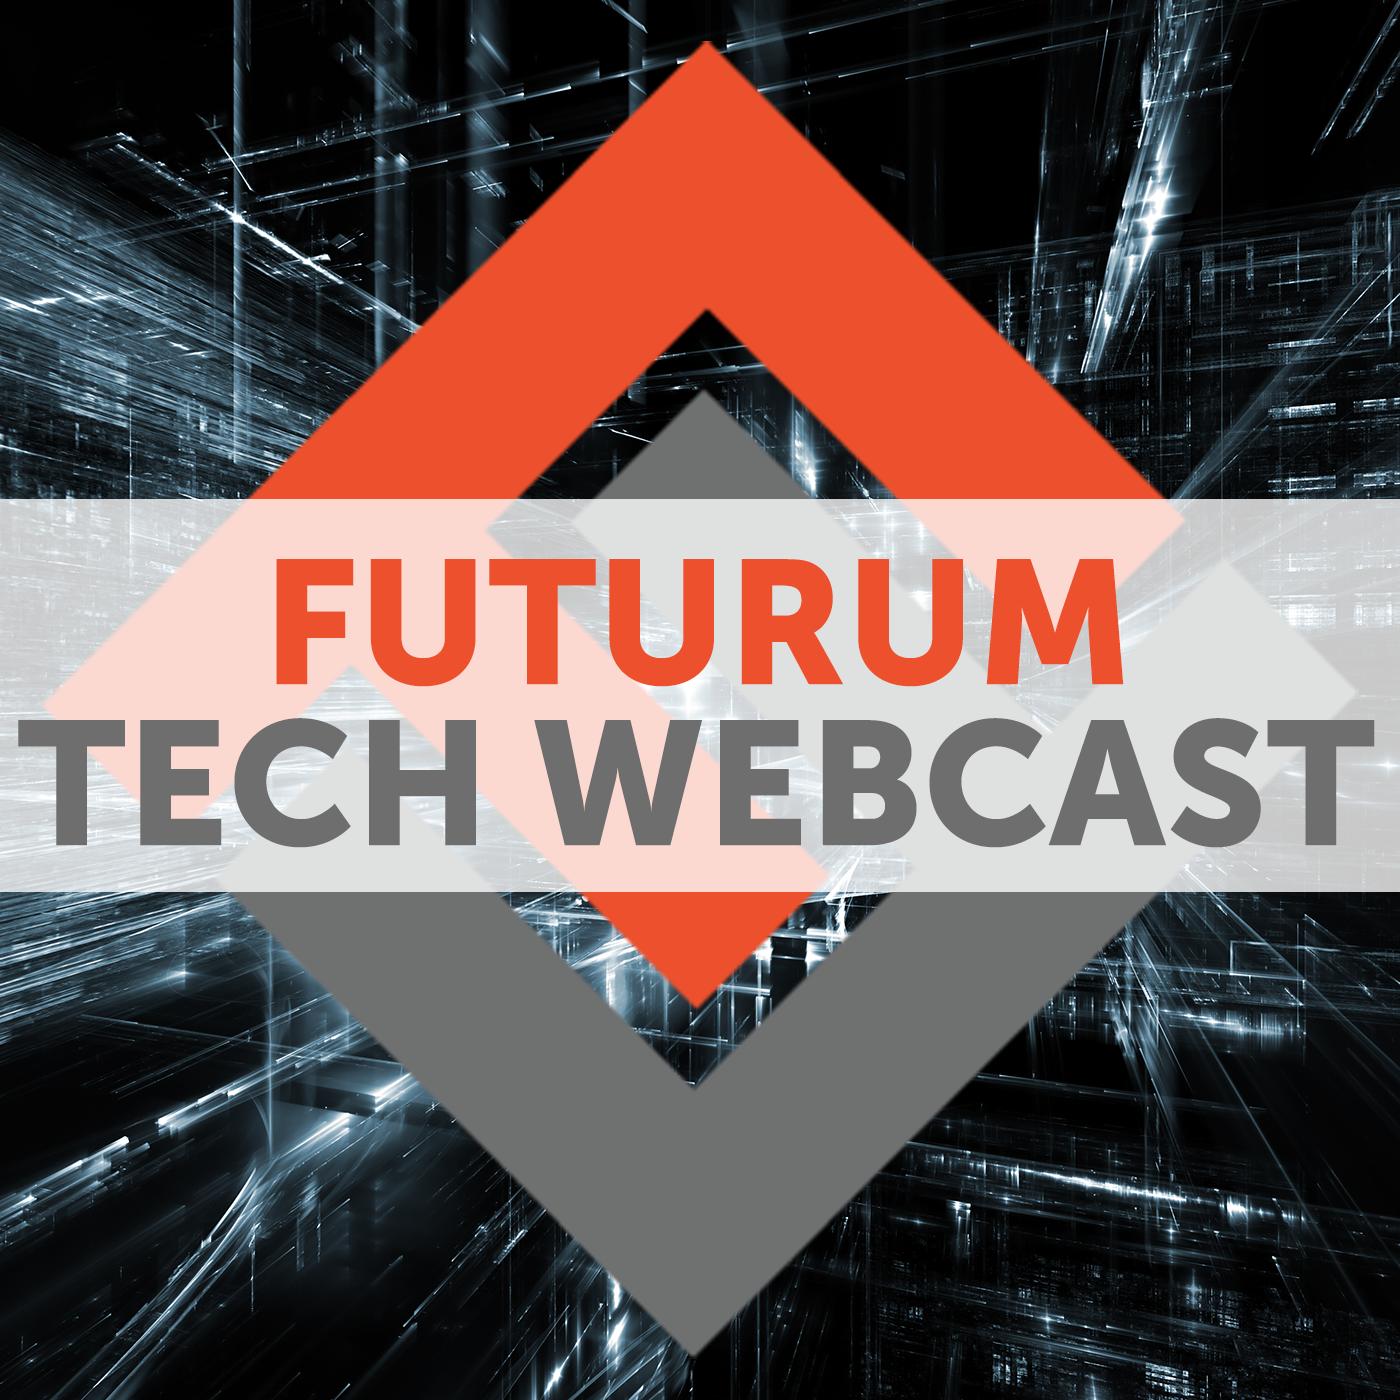 Futurum Tech Webcast show art